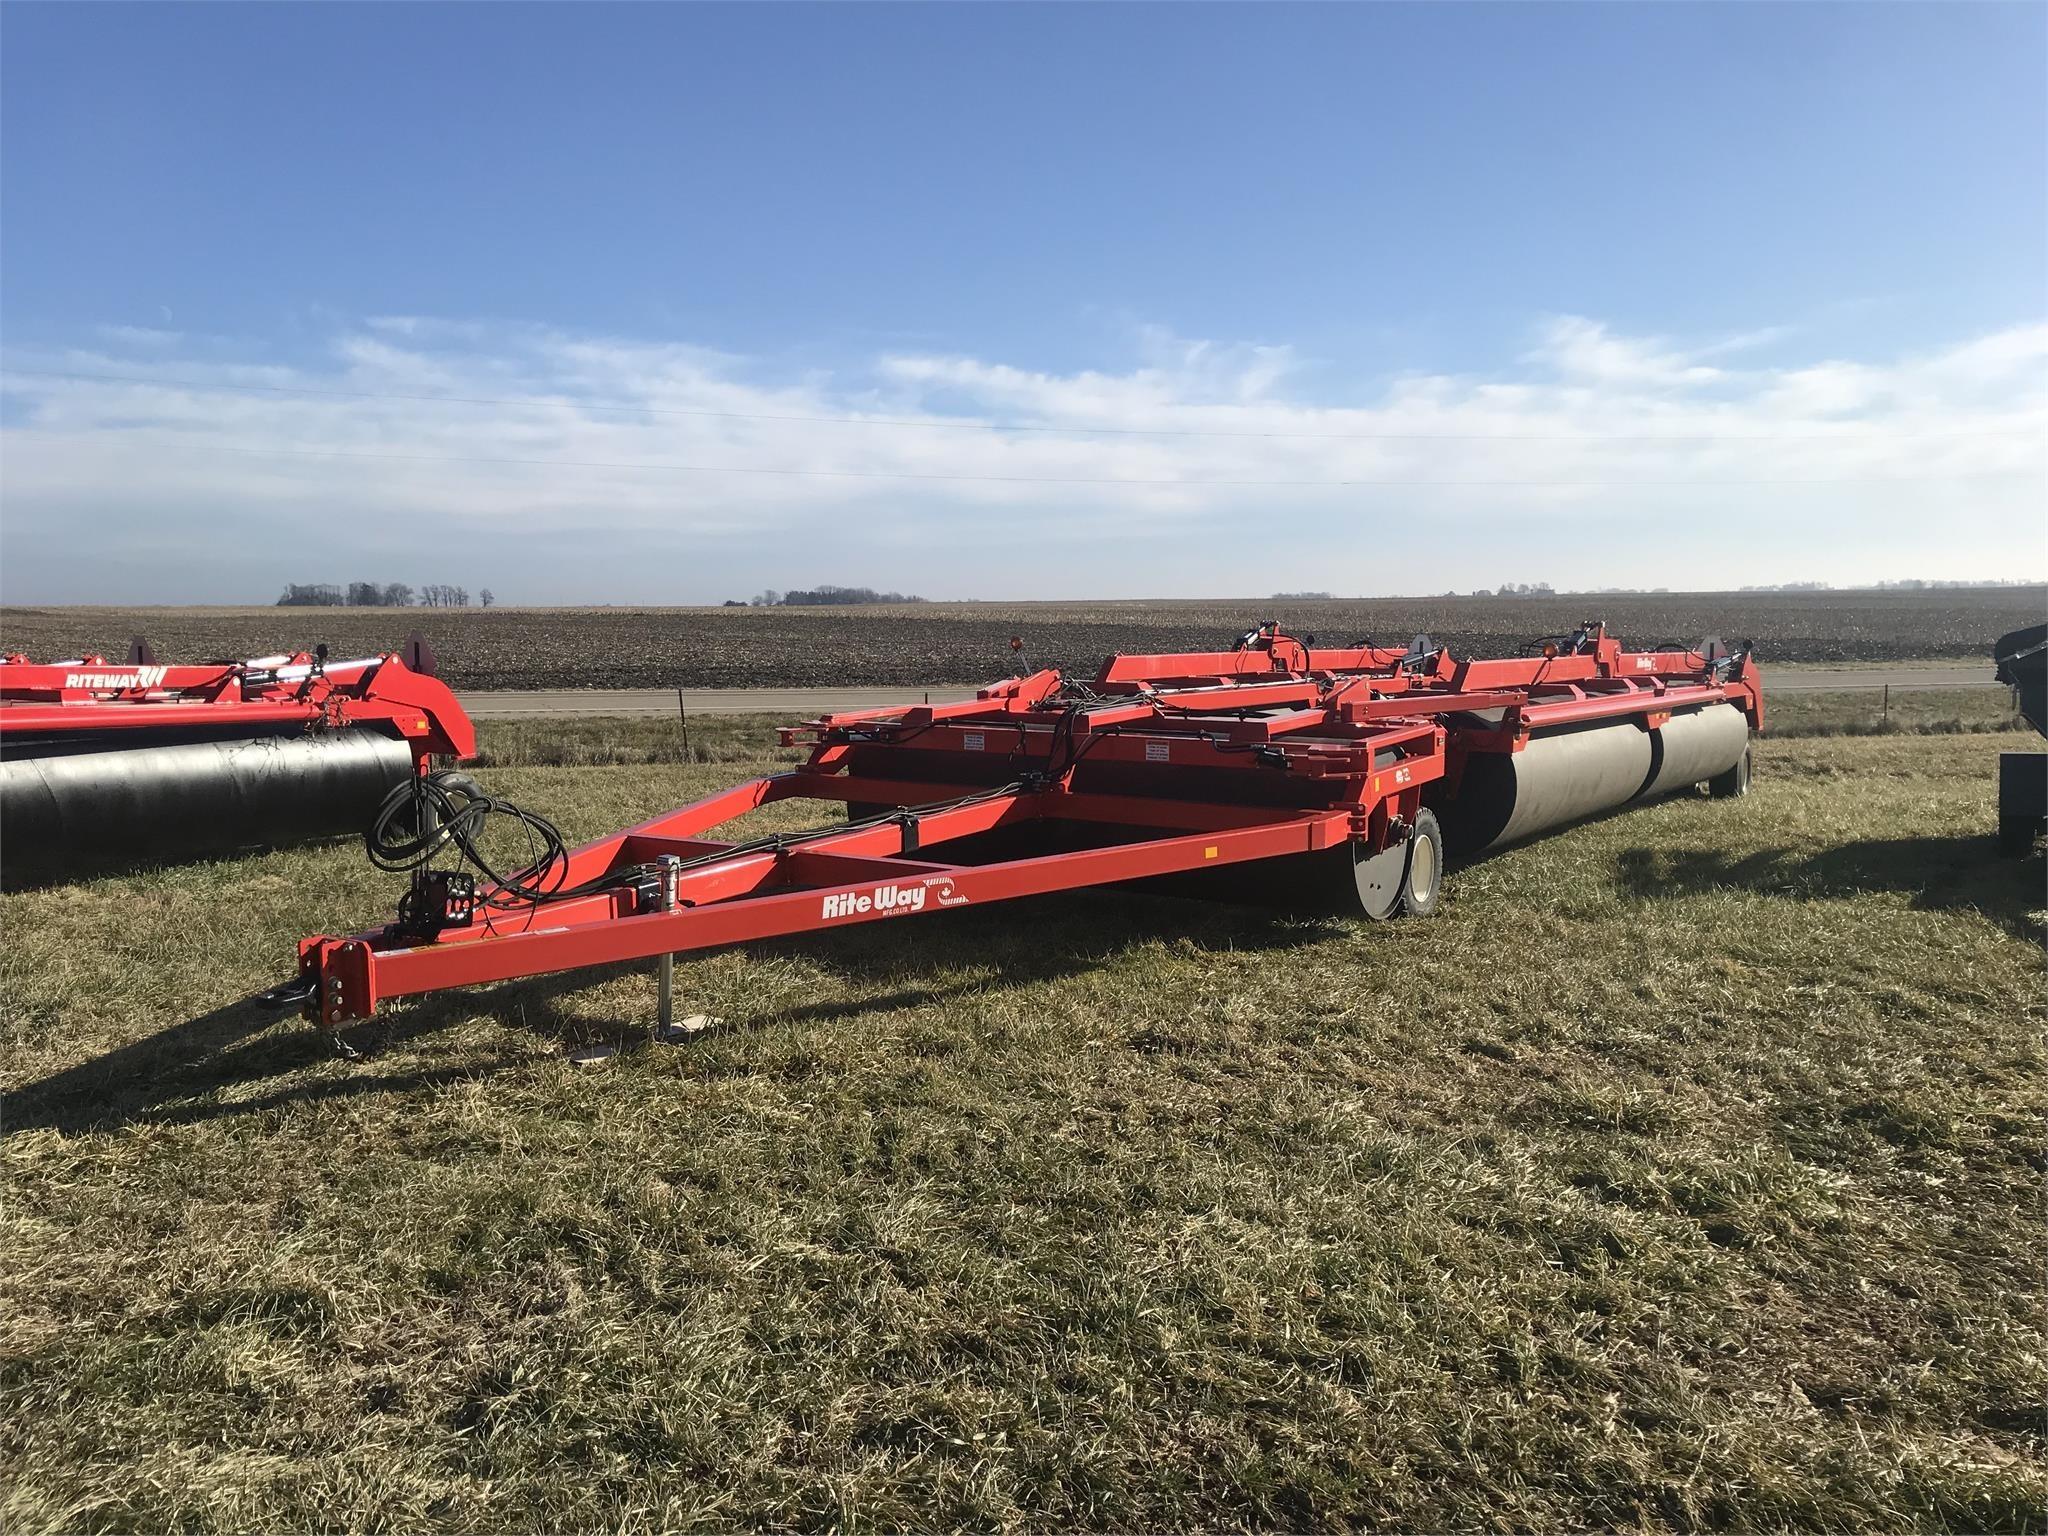 2019 Rite Way F5-62 Land Roller